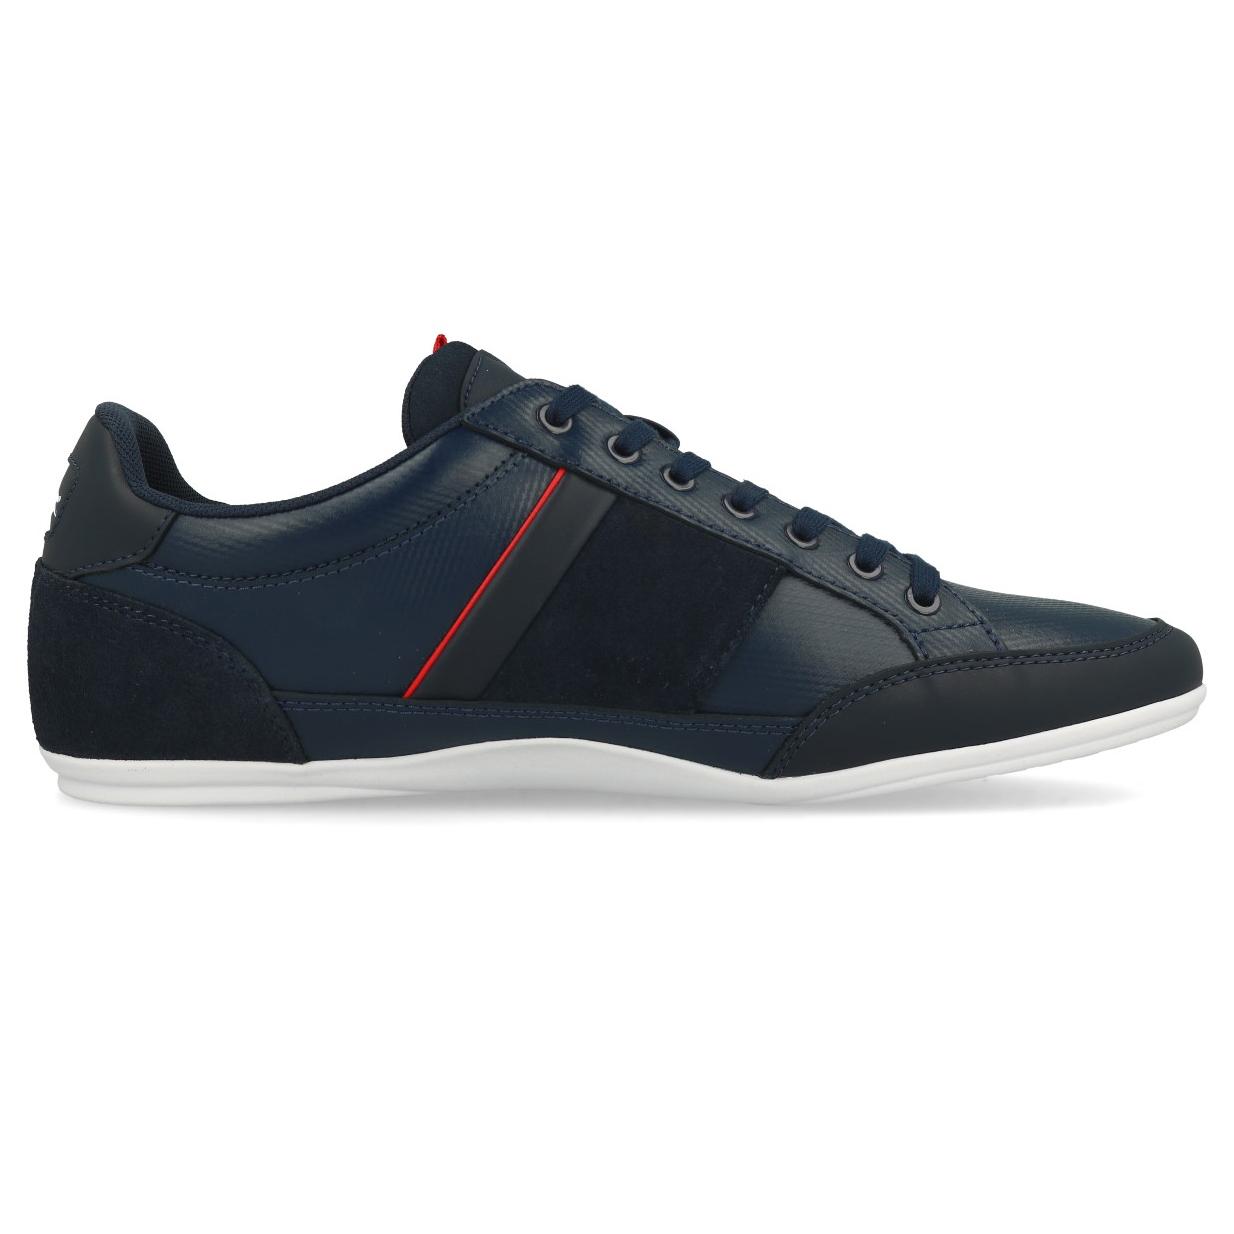 Lacoste Chaymon Herren Sneaker navy